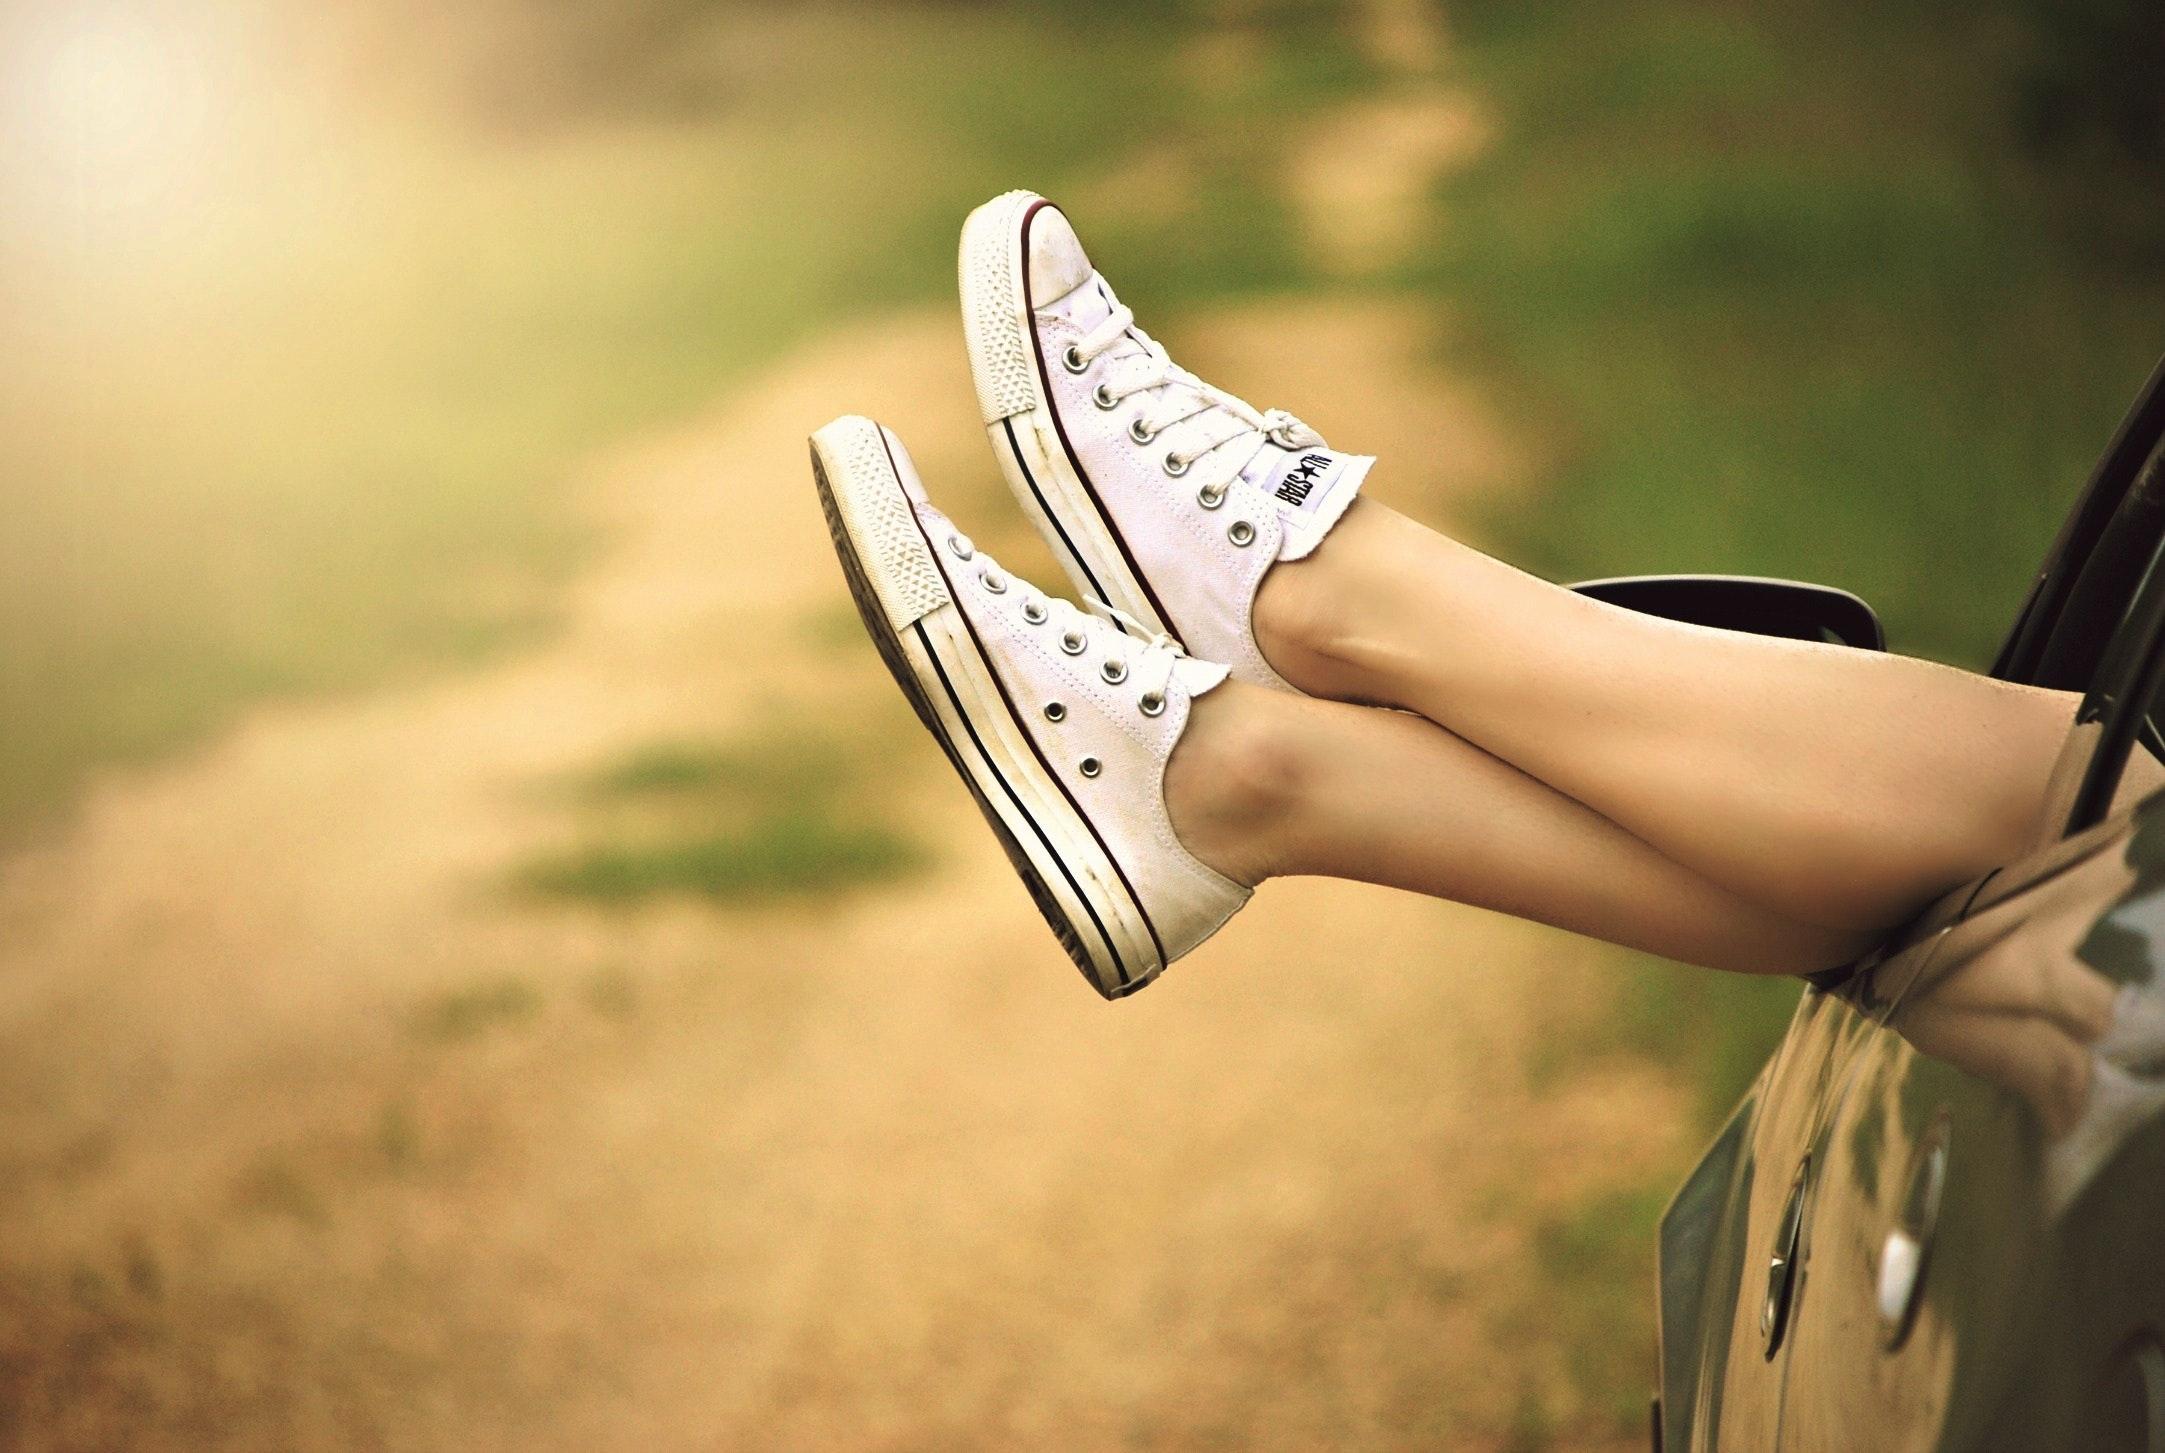 car-carefree-chucks-51397.jpg